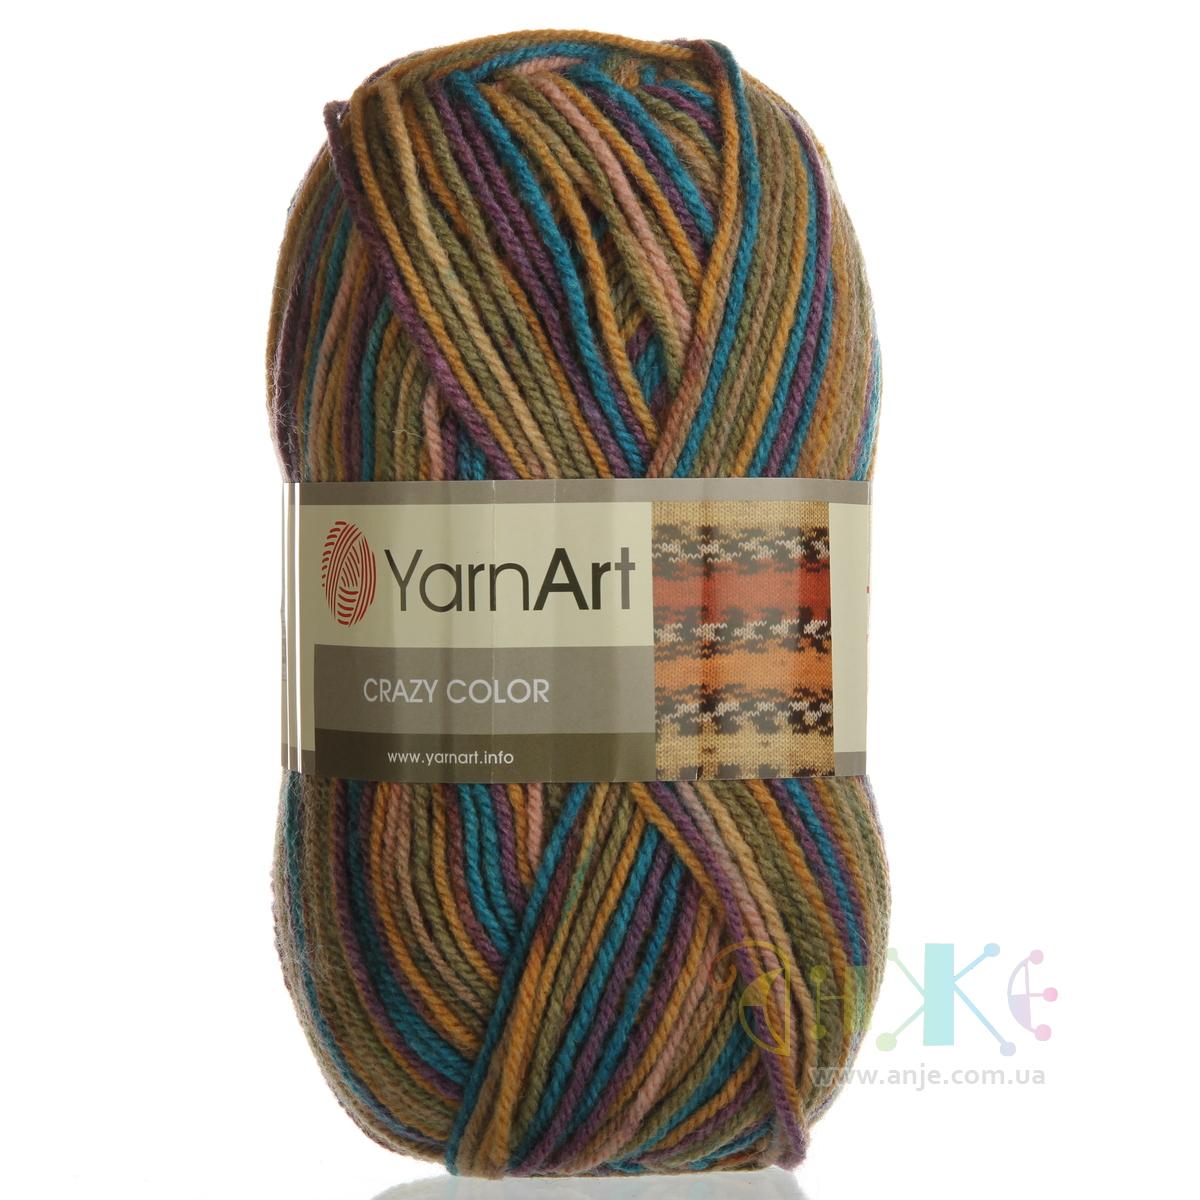 yarn art color garden :  Yarnart Crazy Color 151